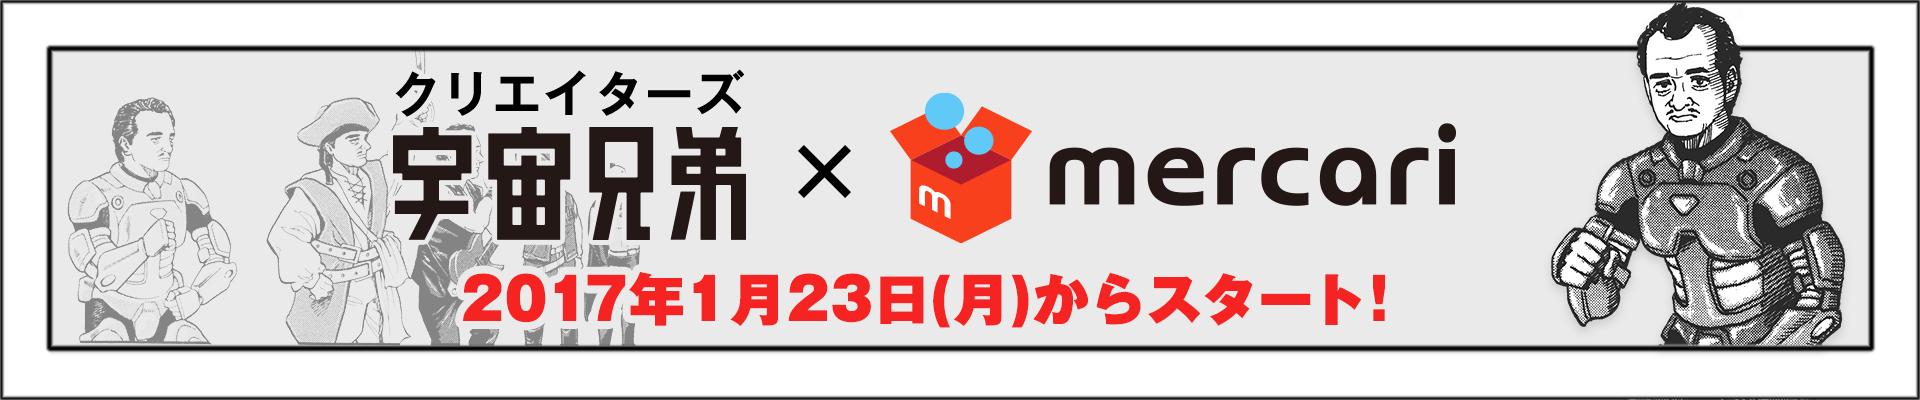 クリエイターズ 宇宙兄弟×メルカリ2017年1月23日(月)からスタート!